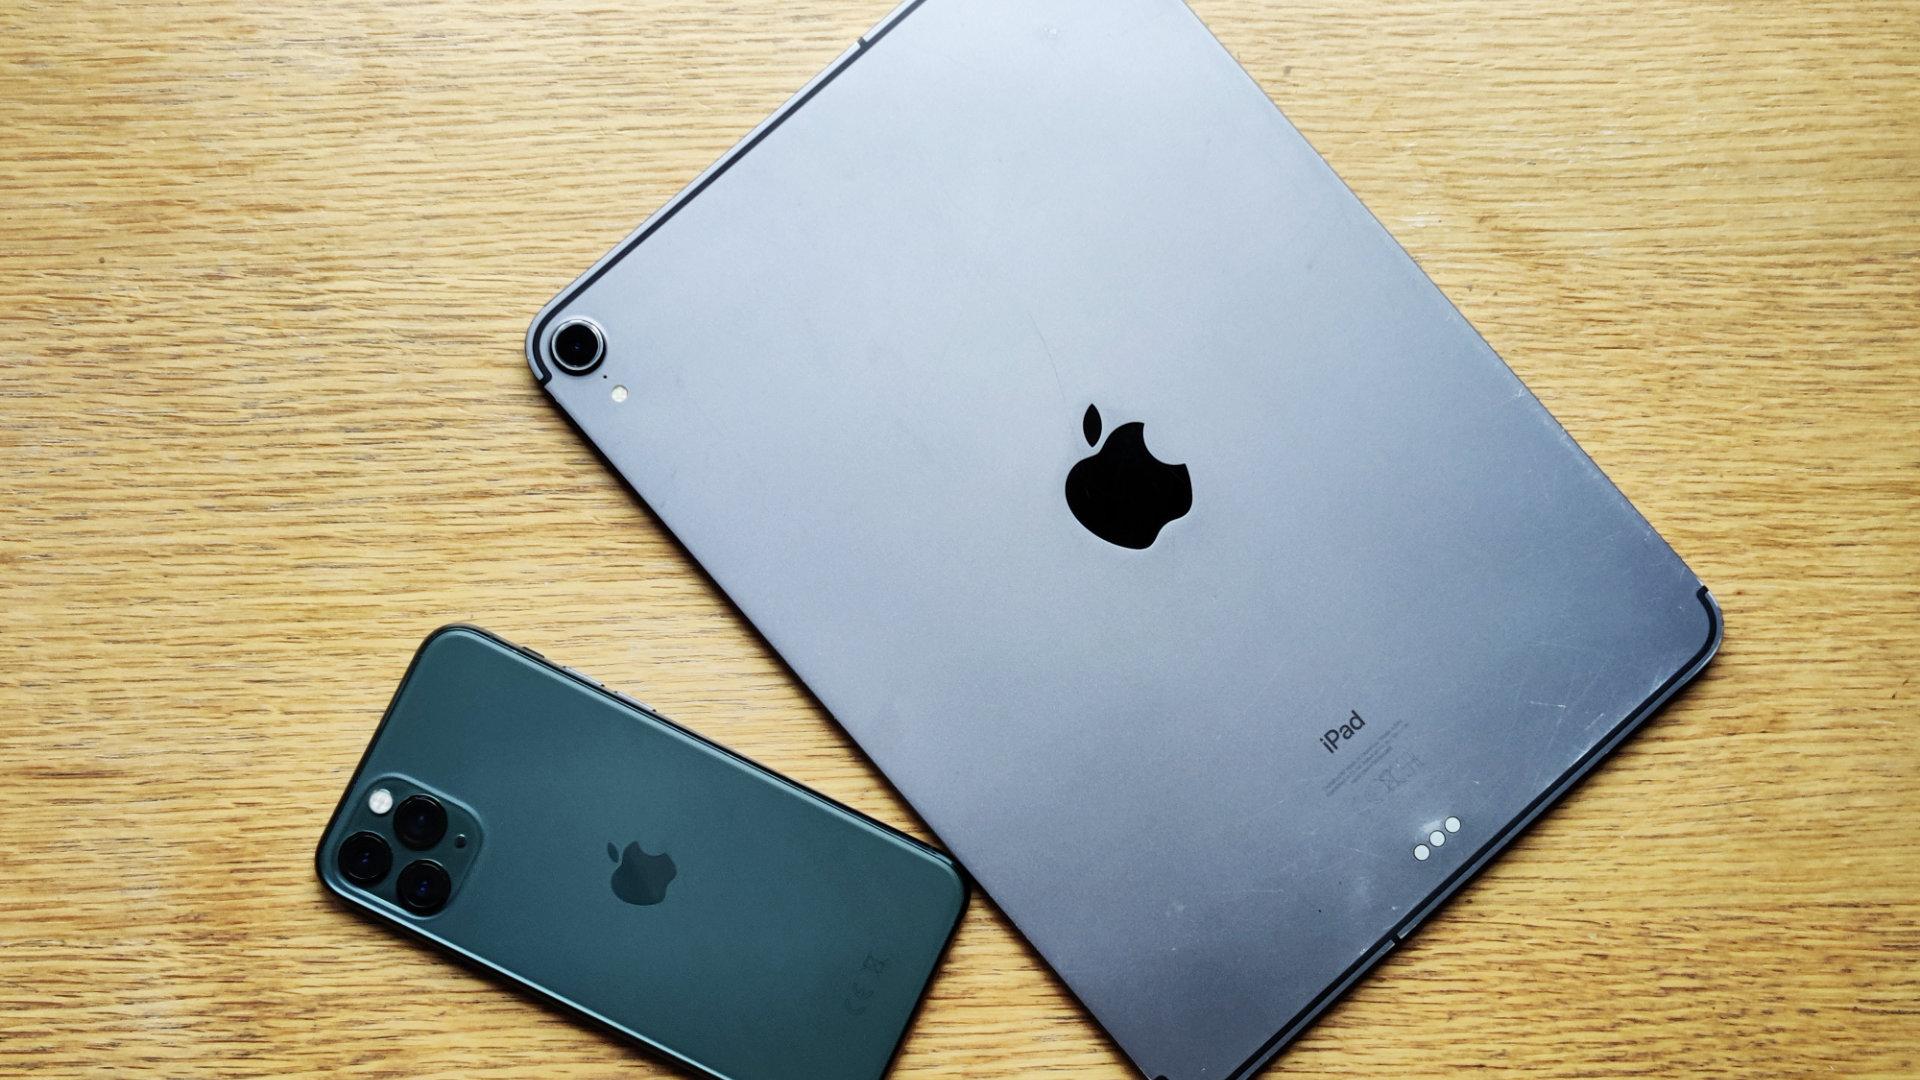 Mettez votre iPhone à jour vers 15.0.2, une faille de sécurité a été découverte